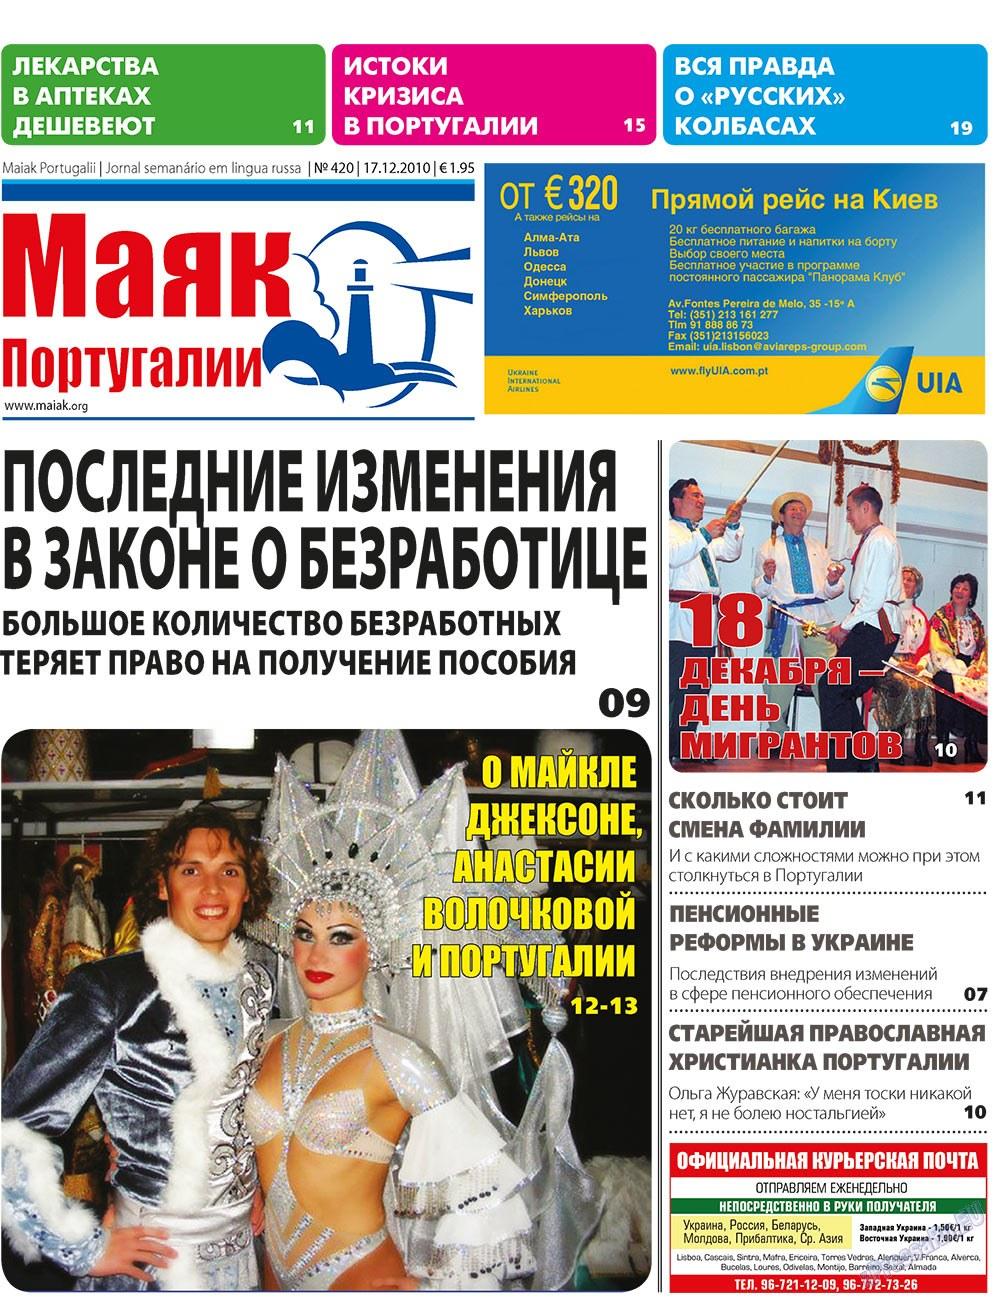 Маяк Португалии (газета). 2010 год, номер 420, стр. 1